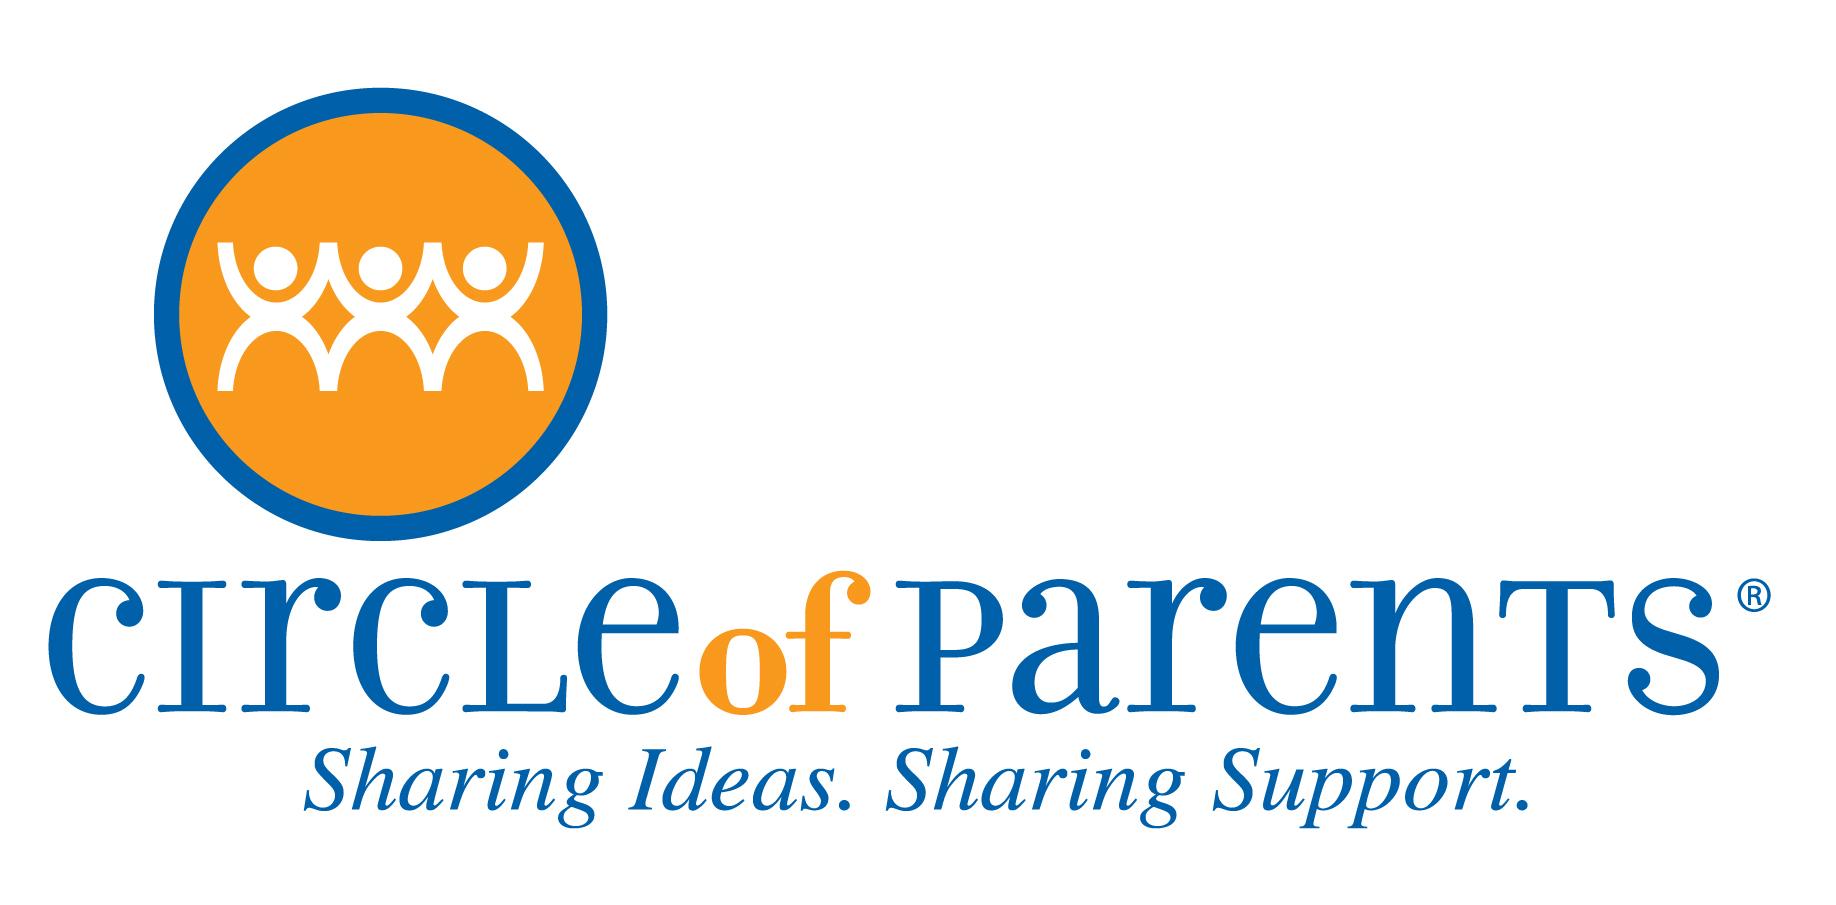 Circle of Parents logo